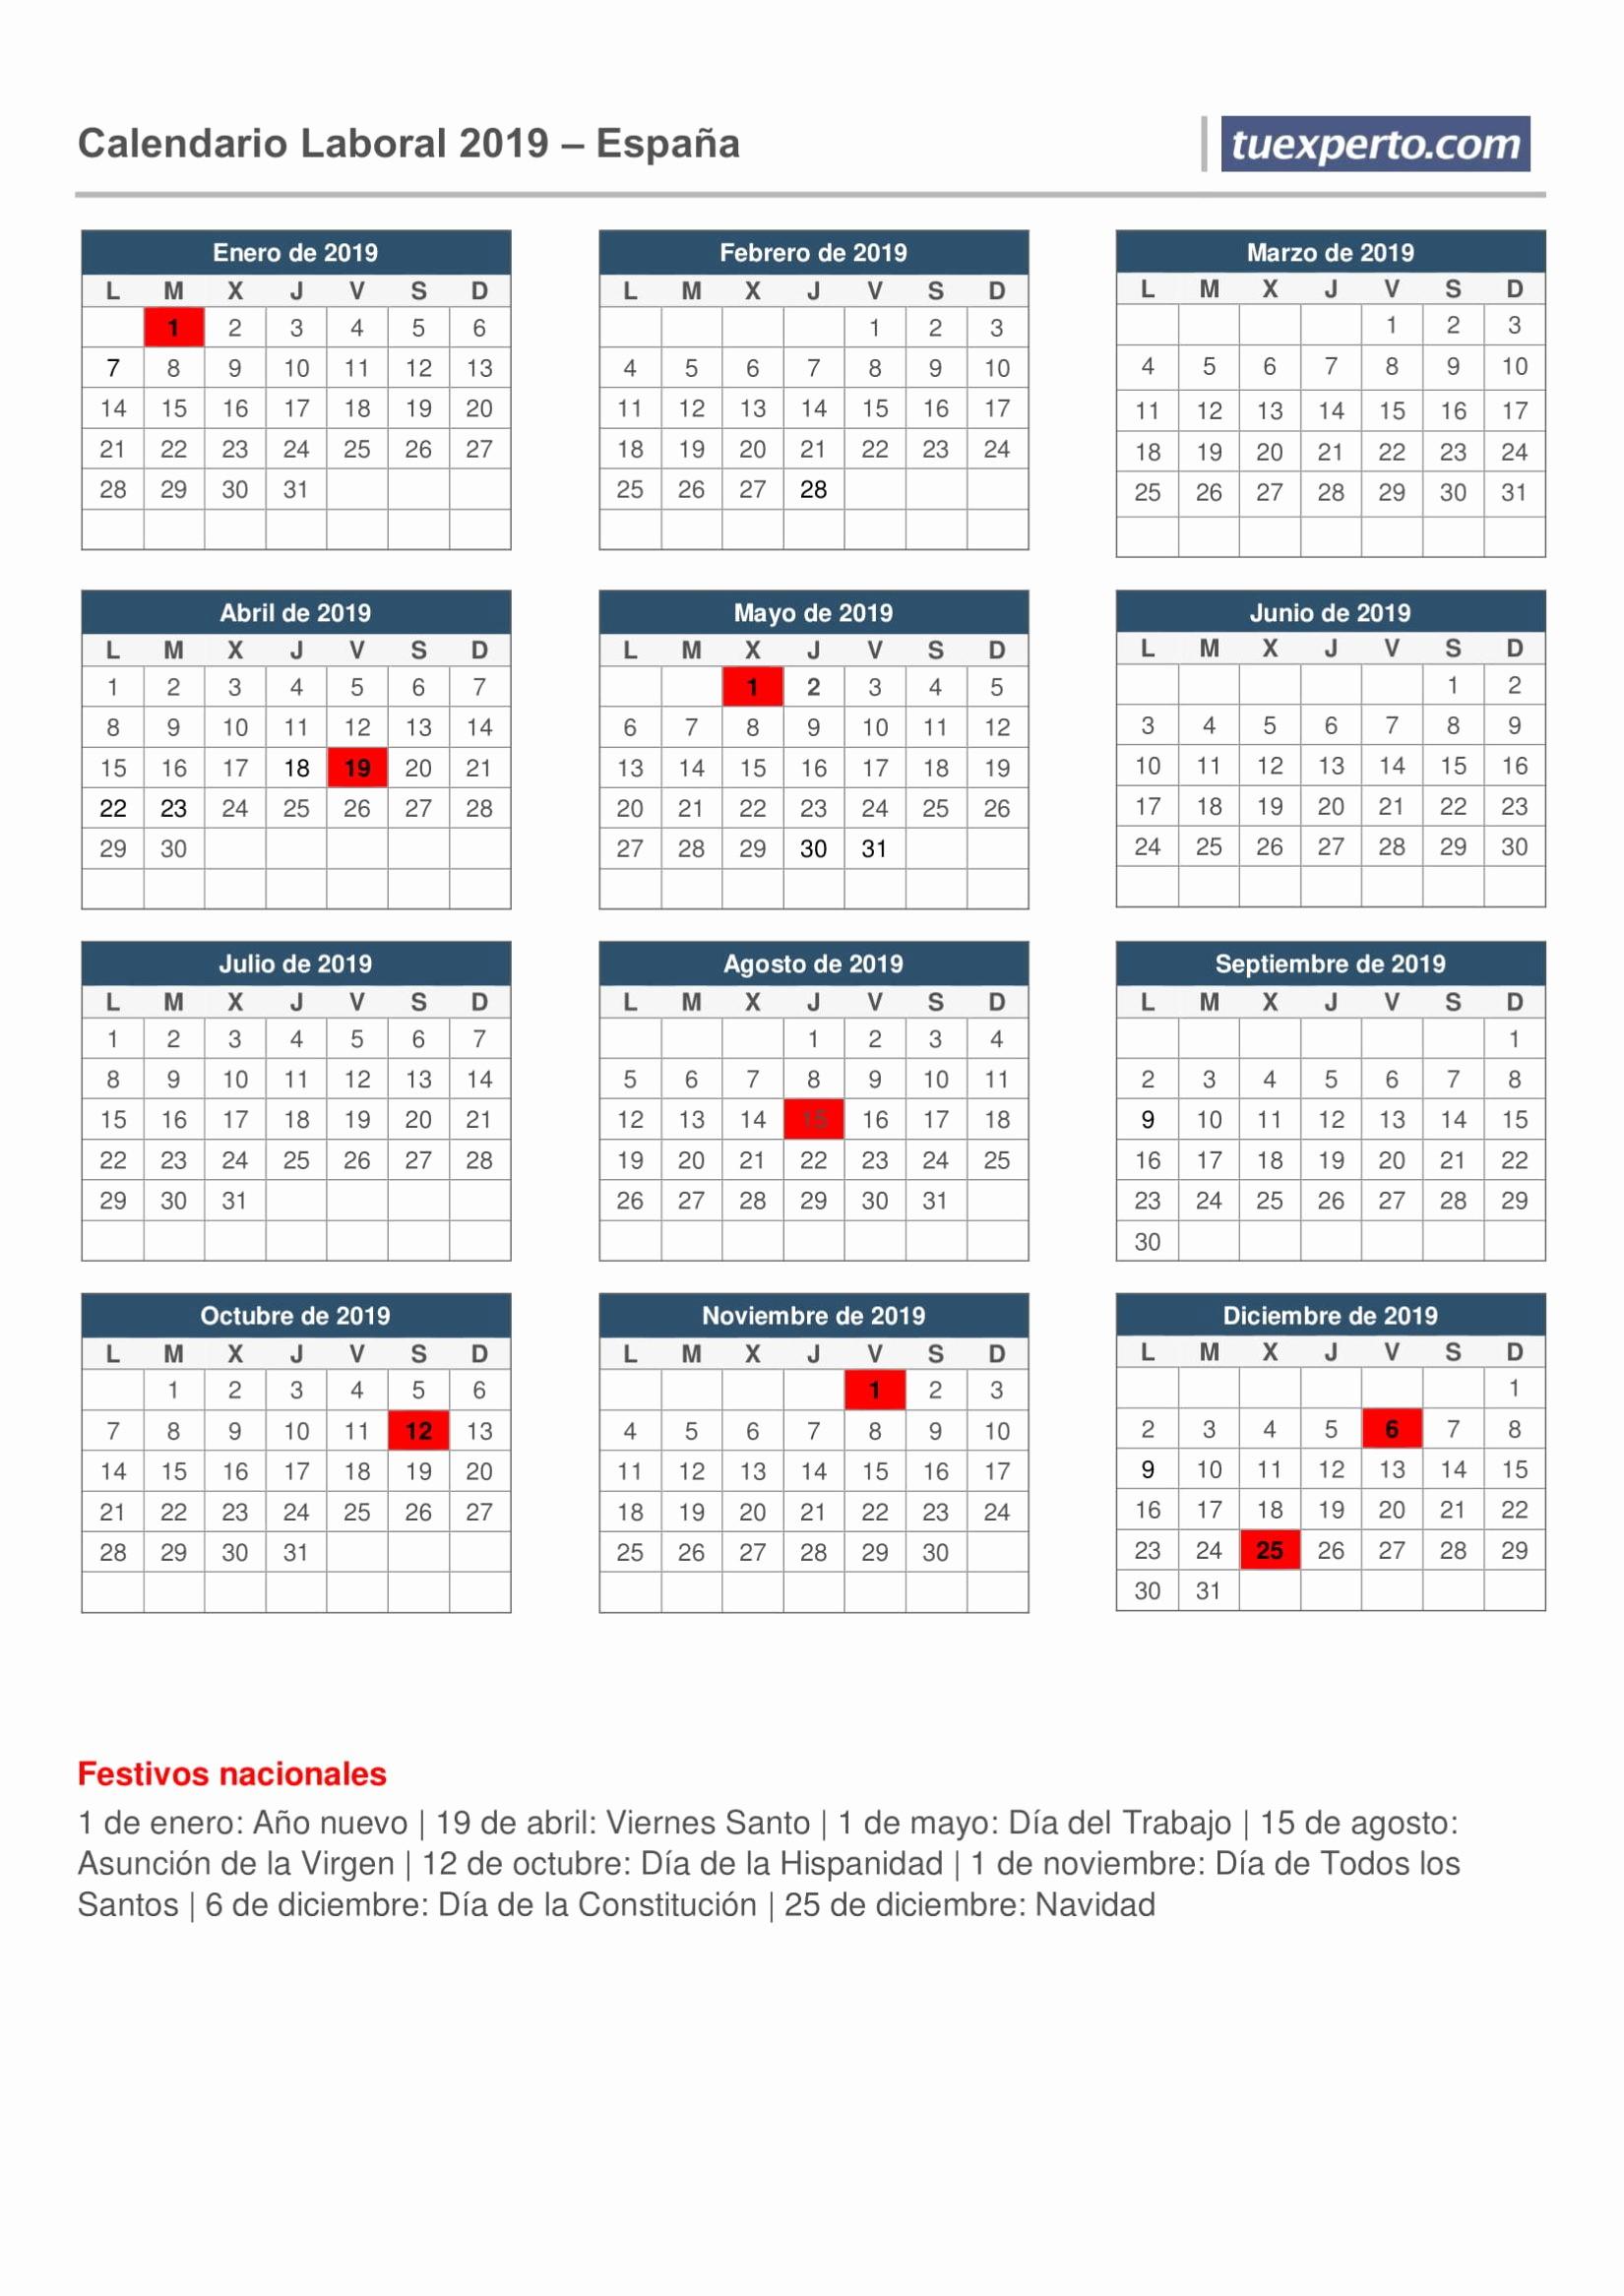 Calendario 2019 Colombia Editable Más Reciente Beautiful 33 Ejemplos Runedia Calendario De Carreras 2019 Of Calendario 2019 Colombia Editable Más Recientes Calendario 2017 Para Imprimir Icalendario Net – the Newninthprecinct